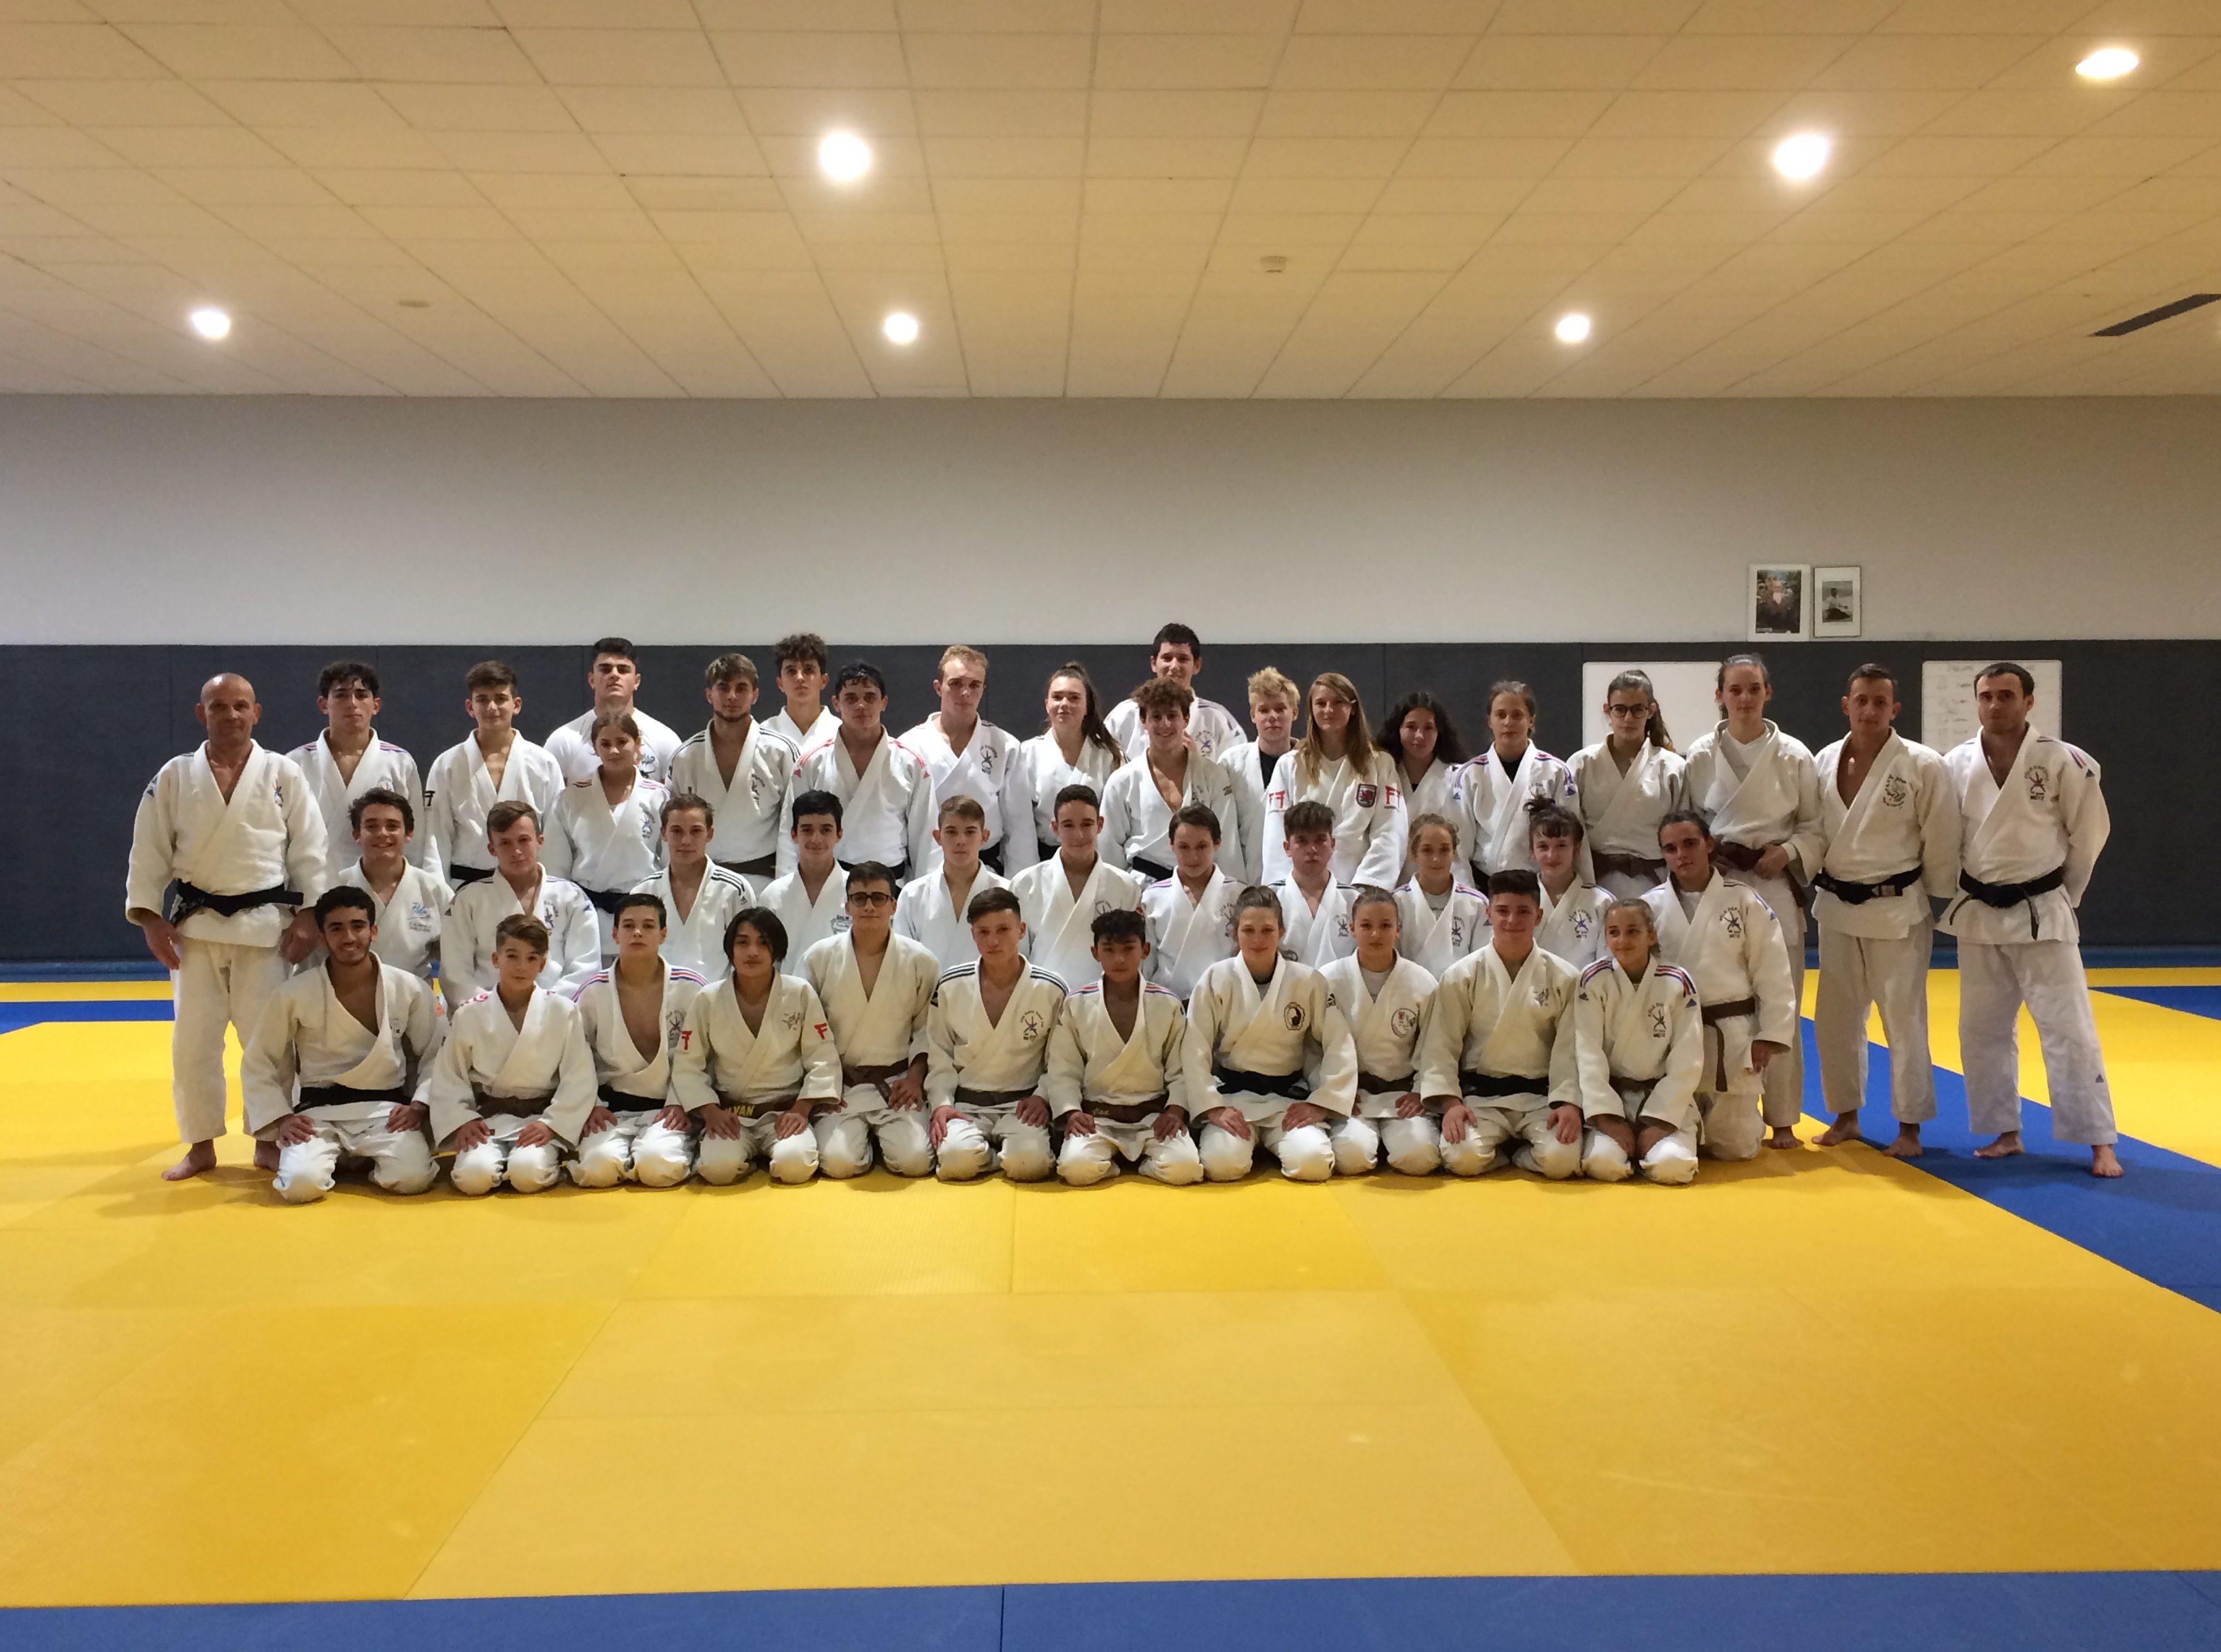 Pôle Judo 2018 2019 (1).jpg